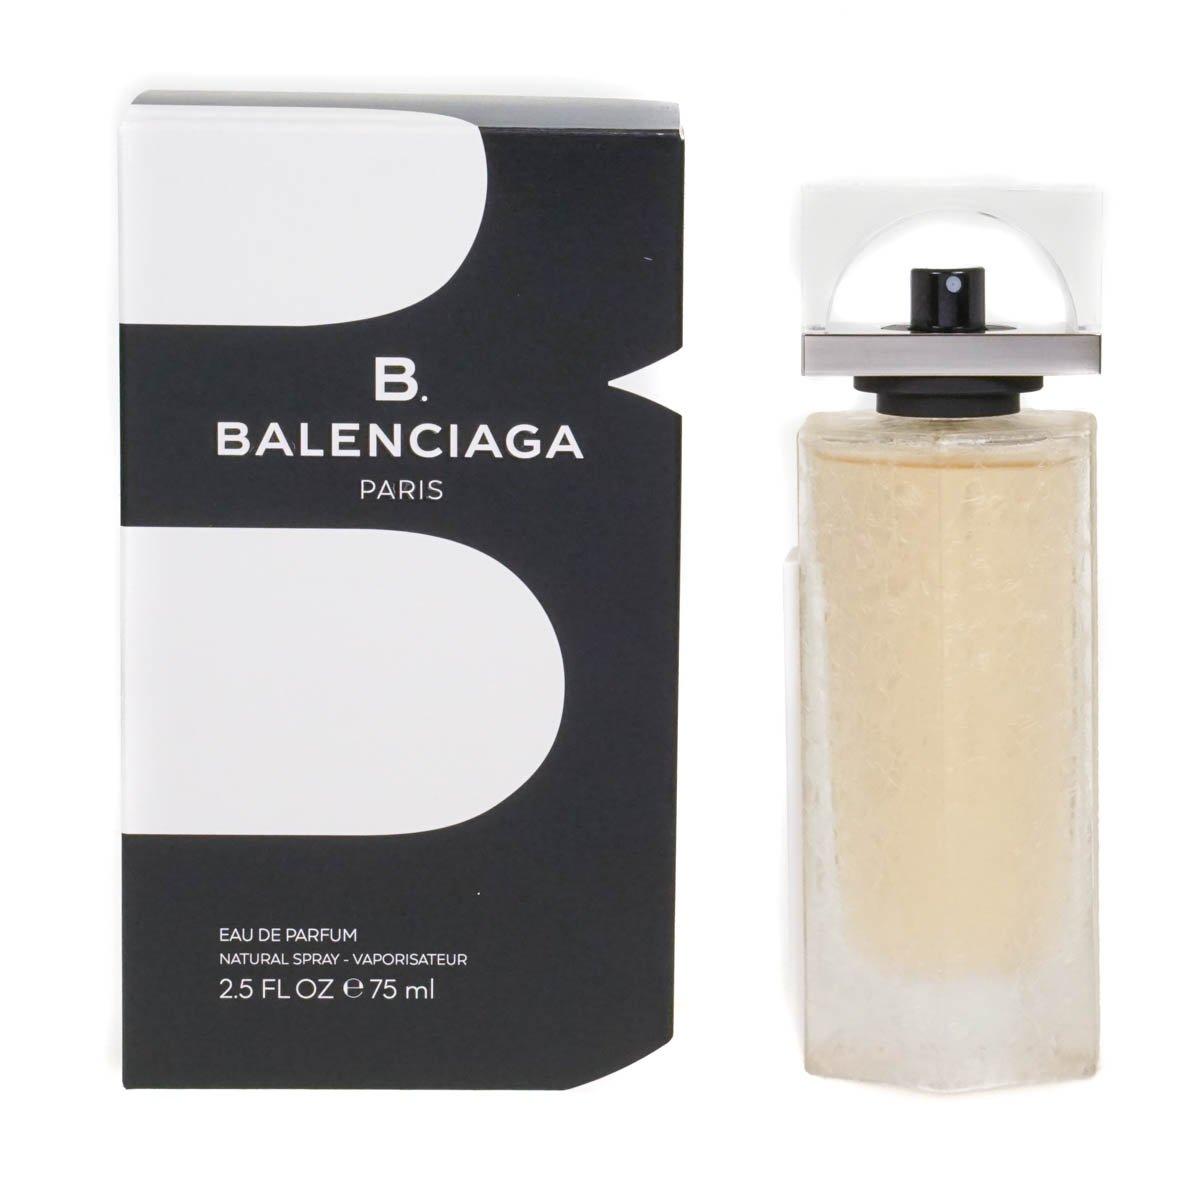 Balenciaga B. Eau De Parfum Spray for Women 2.5 Oz / 75 ml